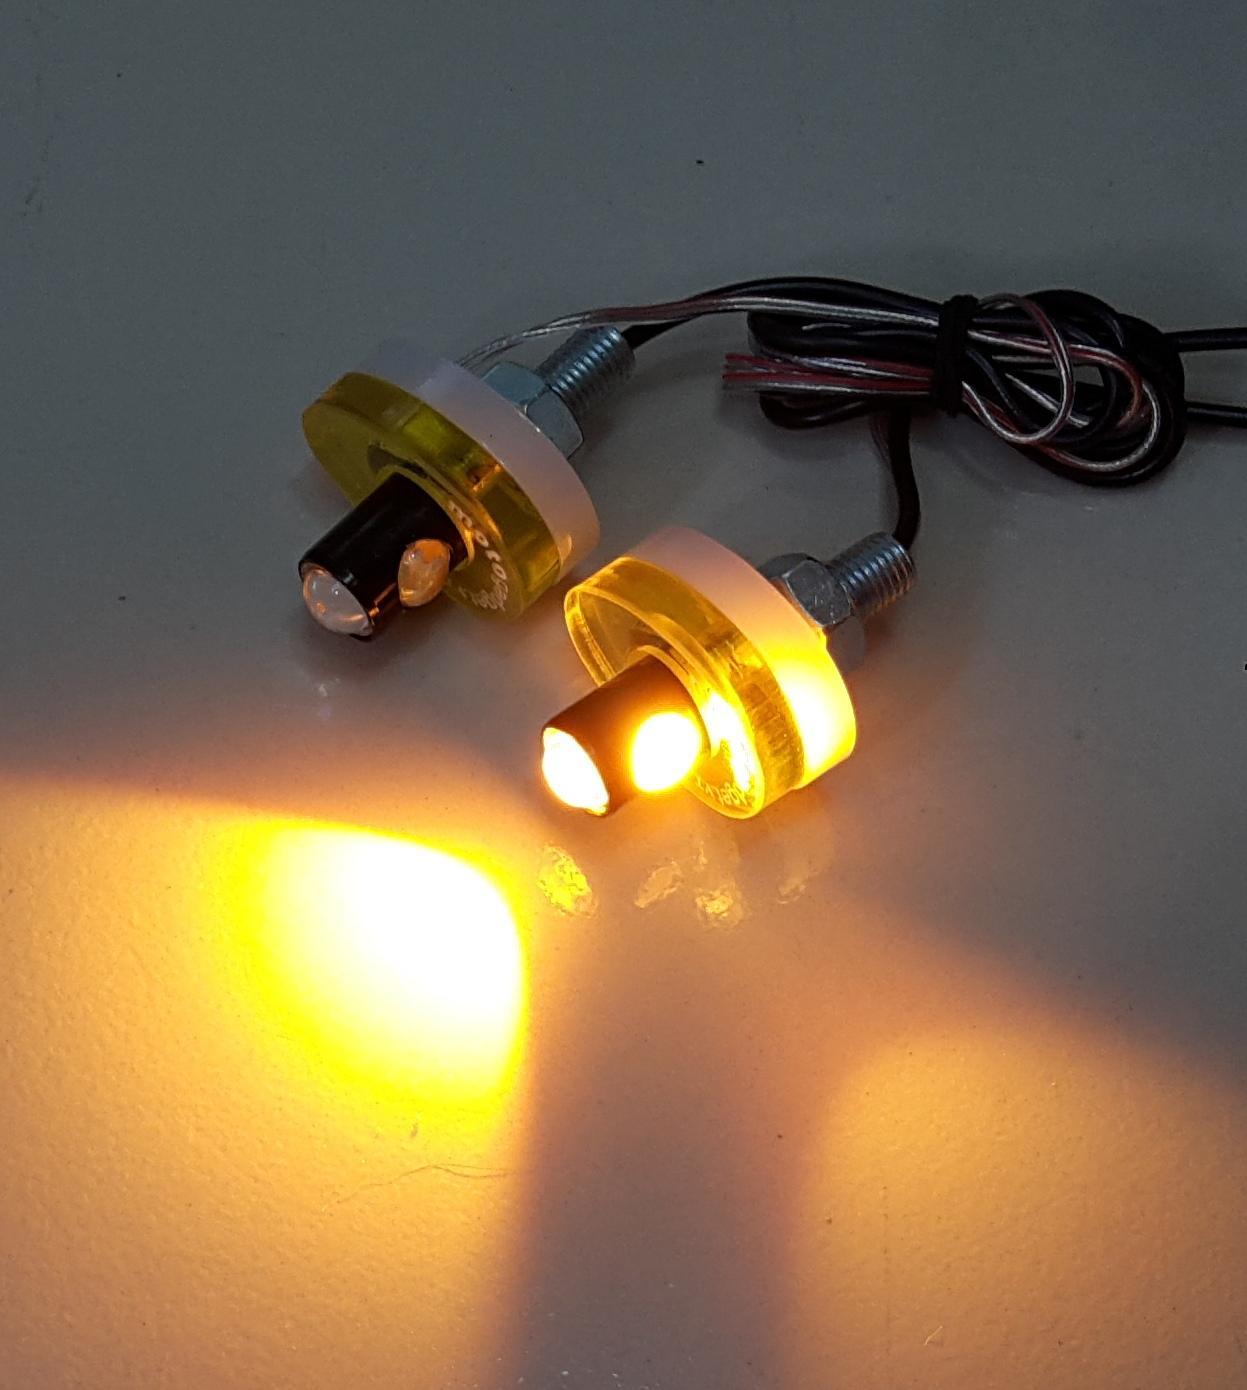 Đèn Led xi nhan sau cho Exciter 150 , xi nhan Led xe Exciter 150 - Hình tròn - Màu vàng